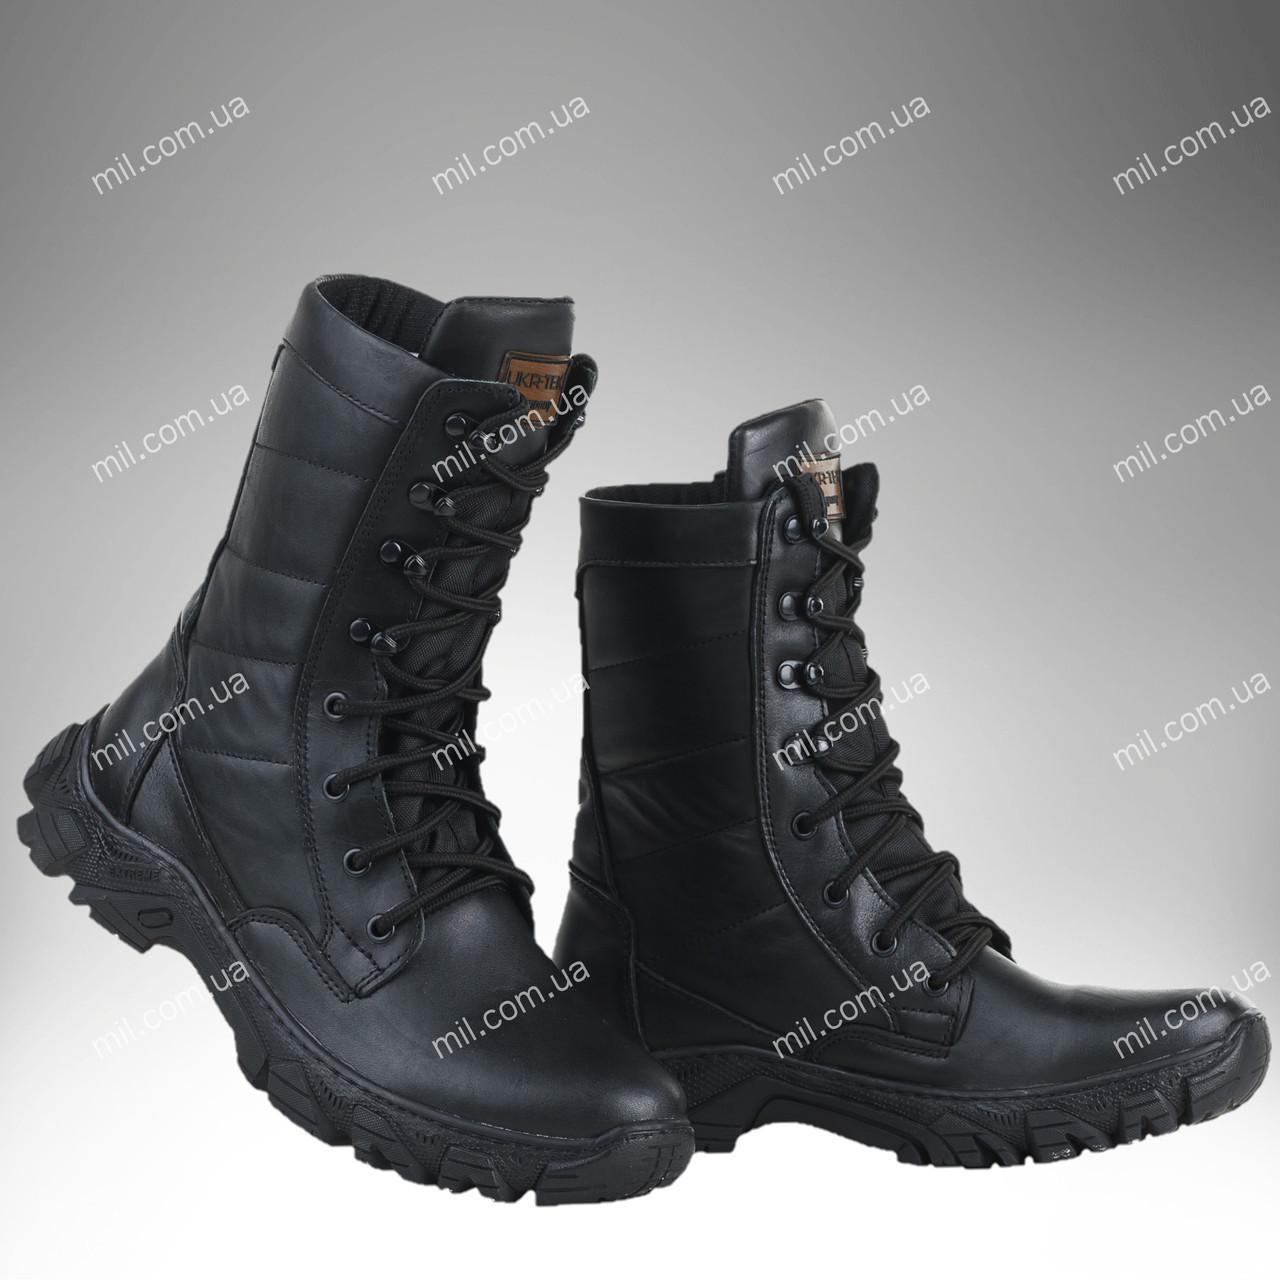 ⭐⭐Берцы демисезонные / военная, тактическая обувь ДЕЛЬТА (гладкая кожа) | берцы, берці, берци, военная обувь,